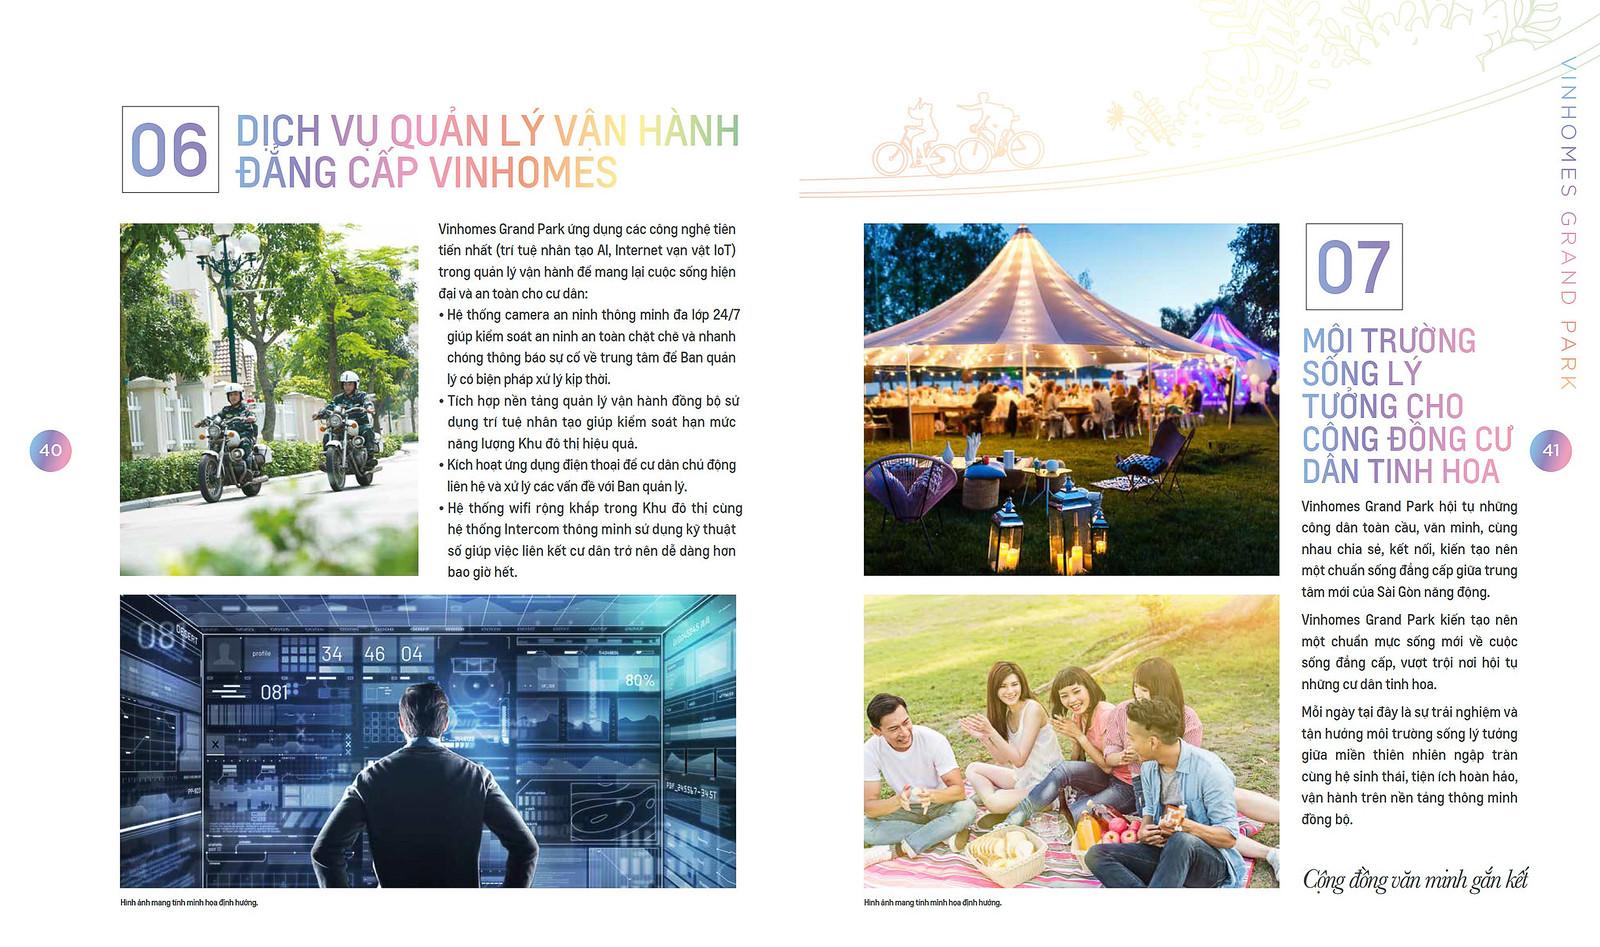 Phối cảnh dự án Vinhomes Grand Park Quận 9 16